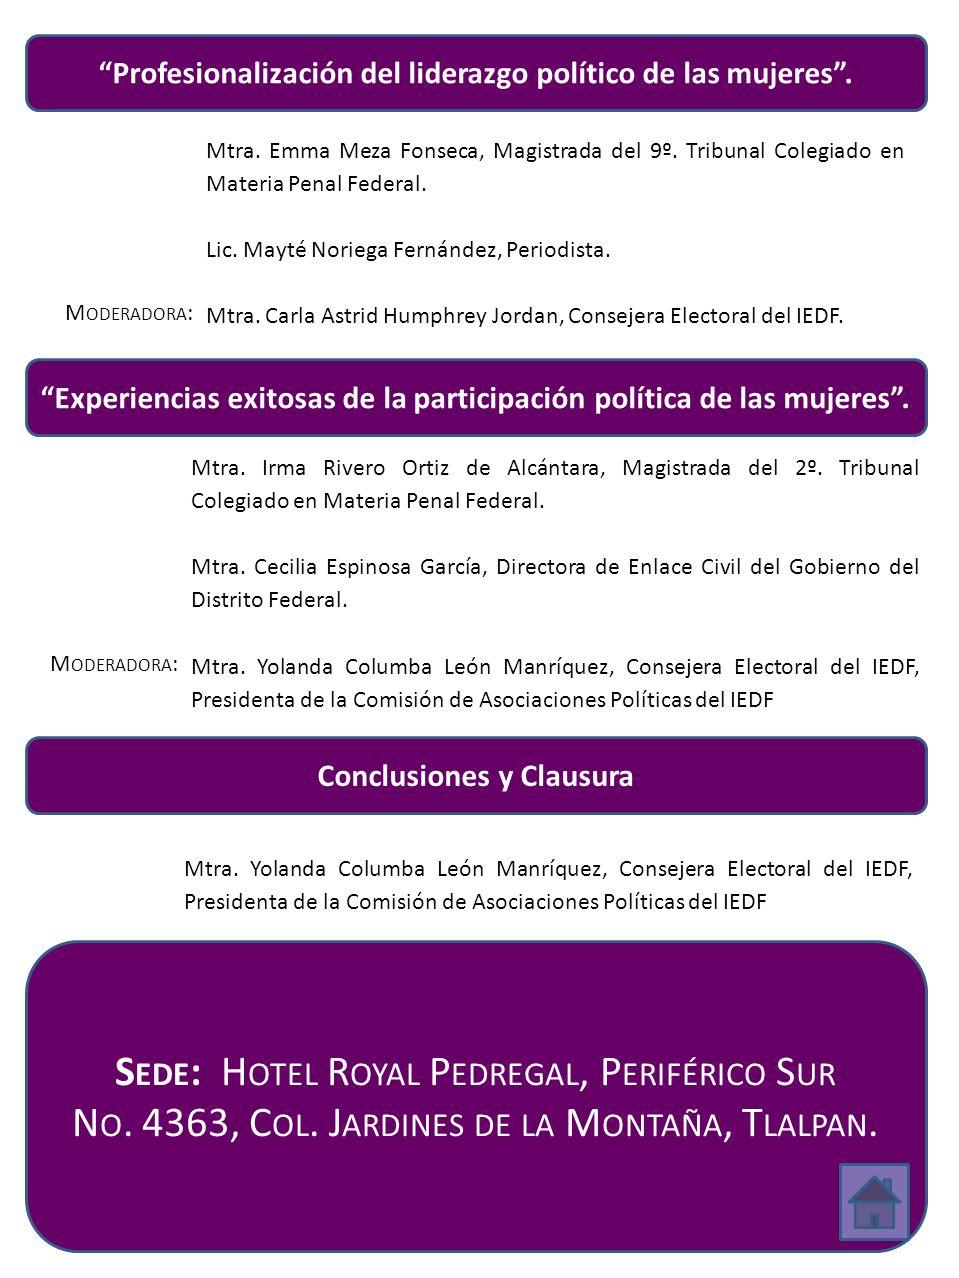 Profesionalización del liderazgo político de las mujeres.